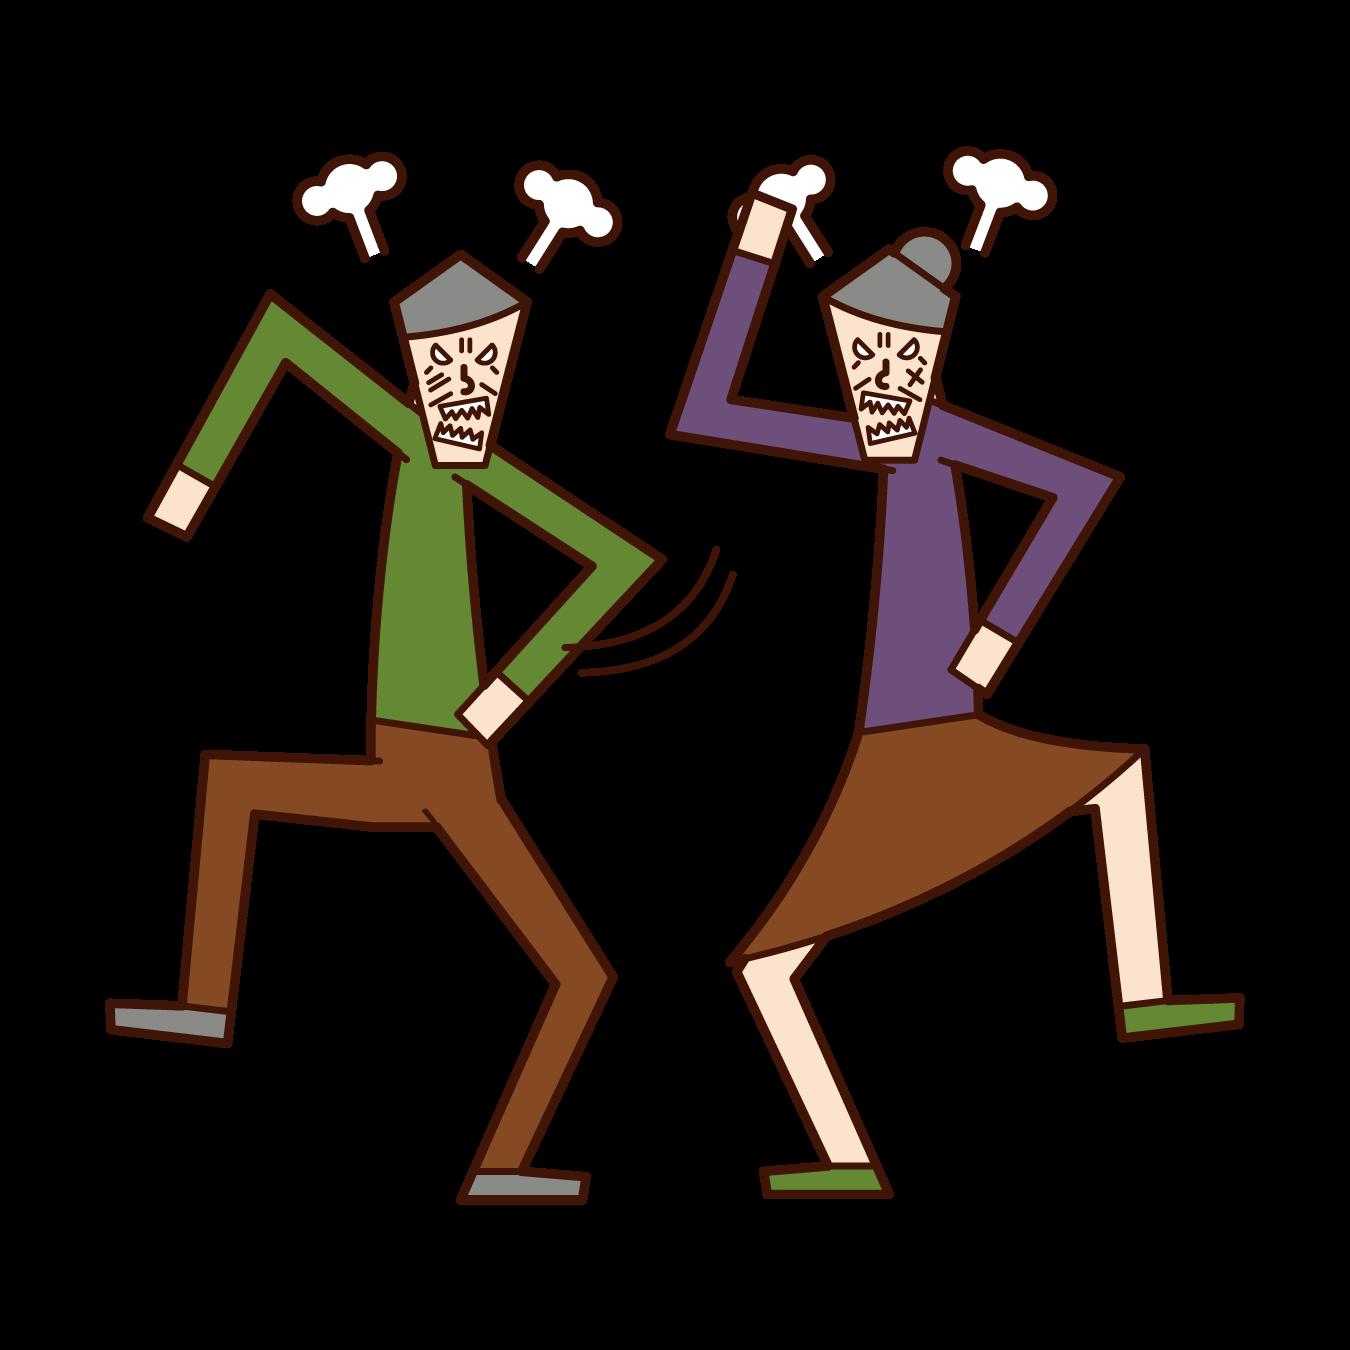 夫婦喧嘩・怒鳴り合い(老夫婦)のイラスト